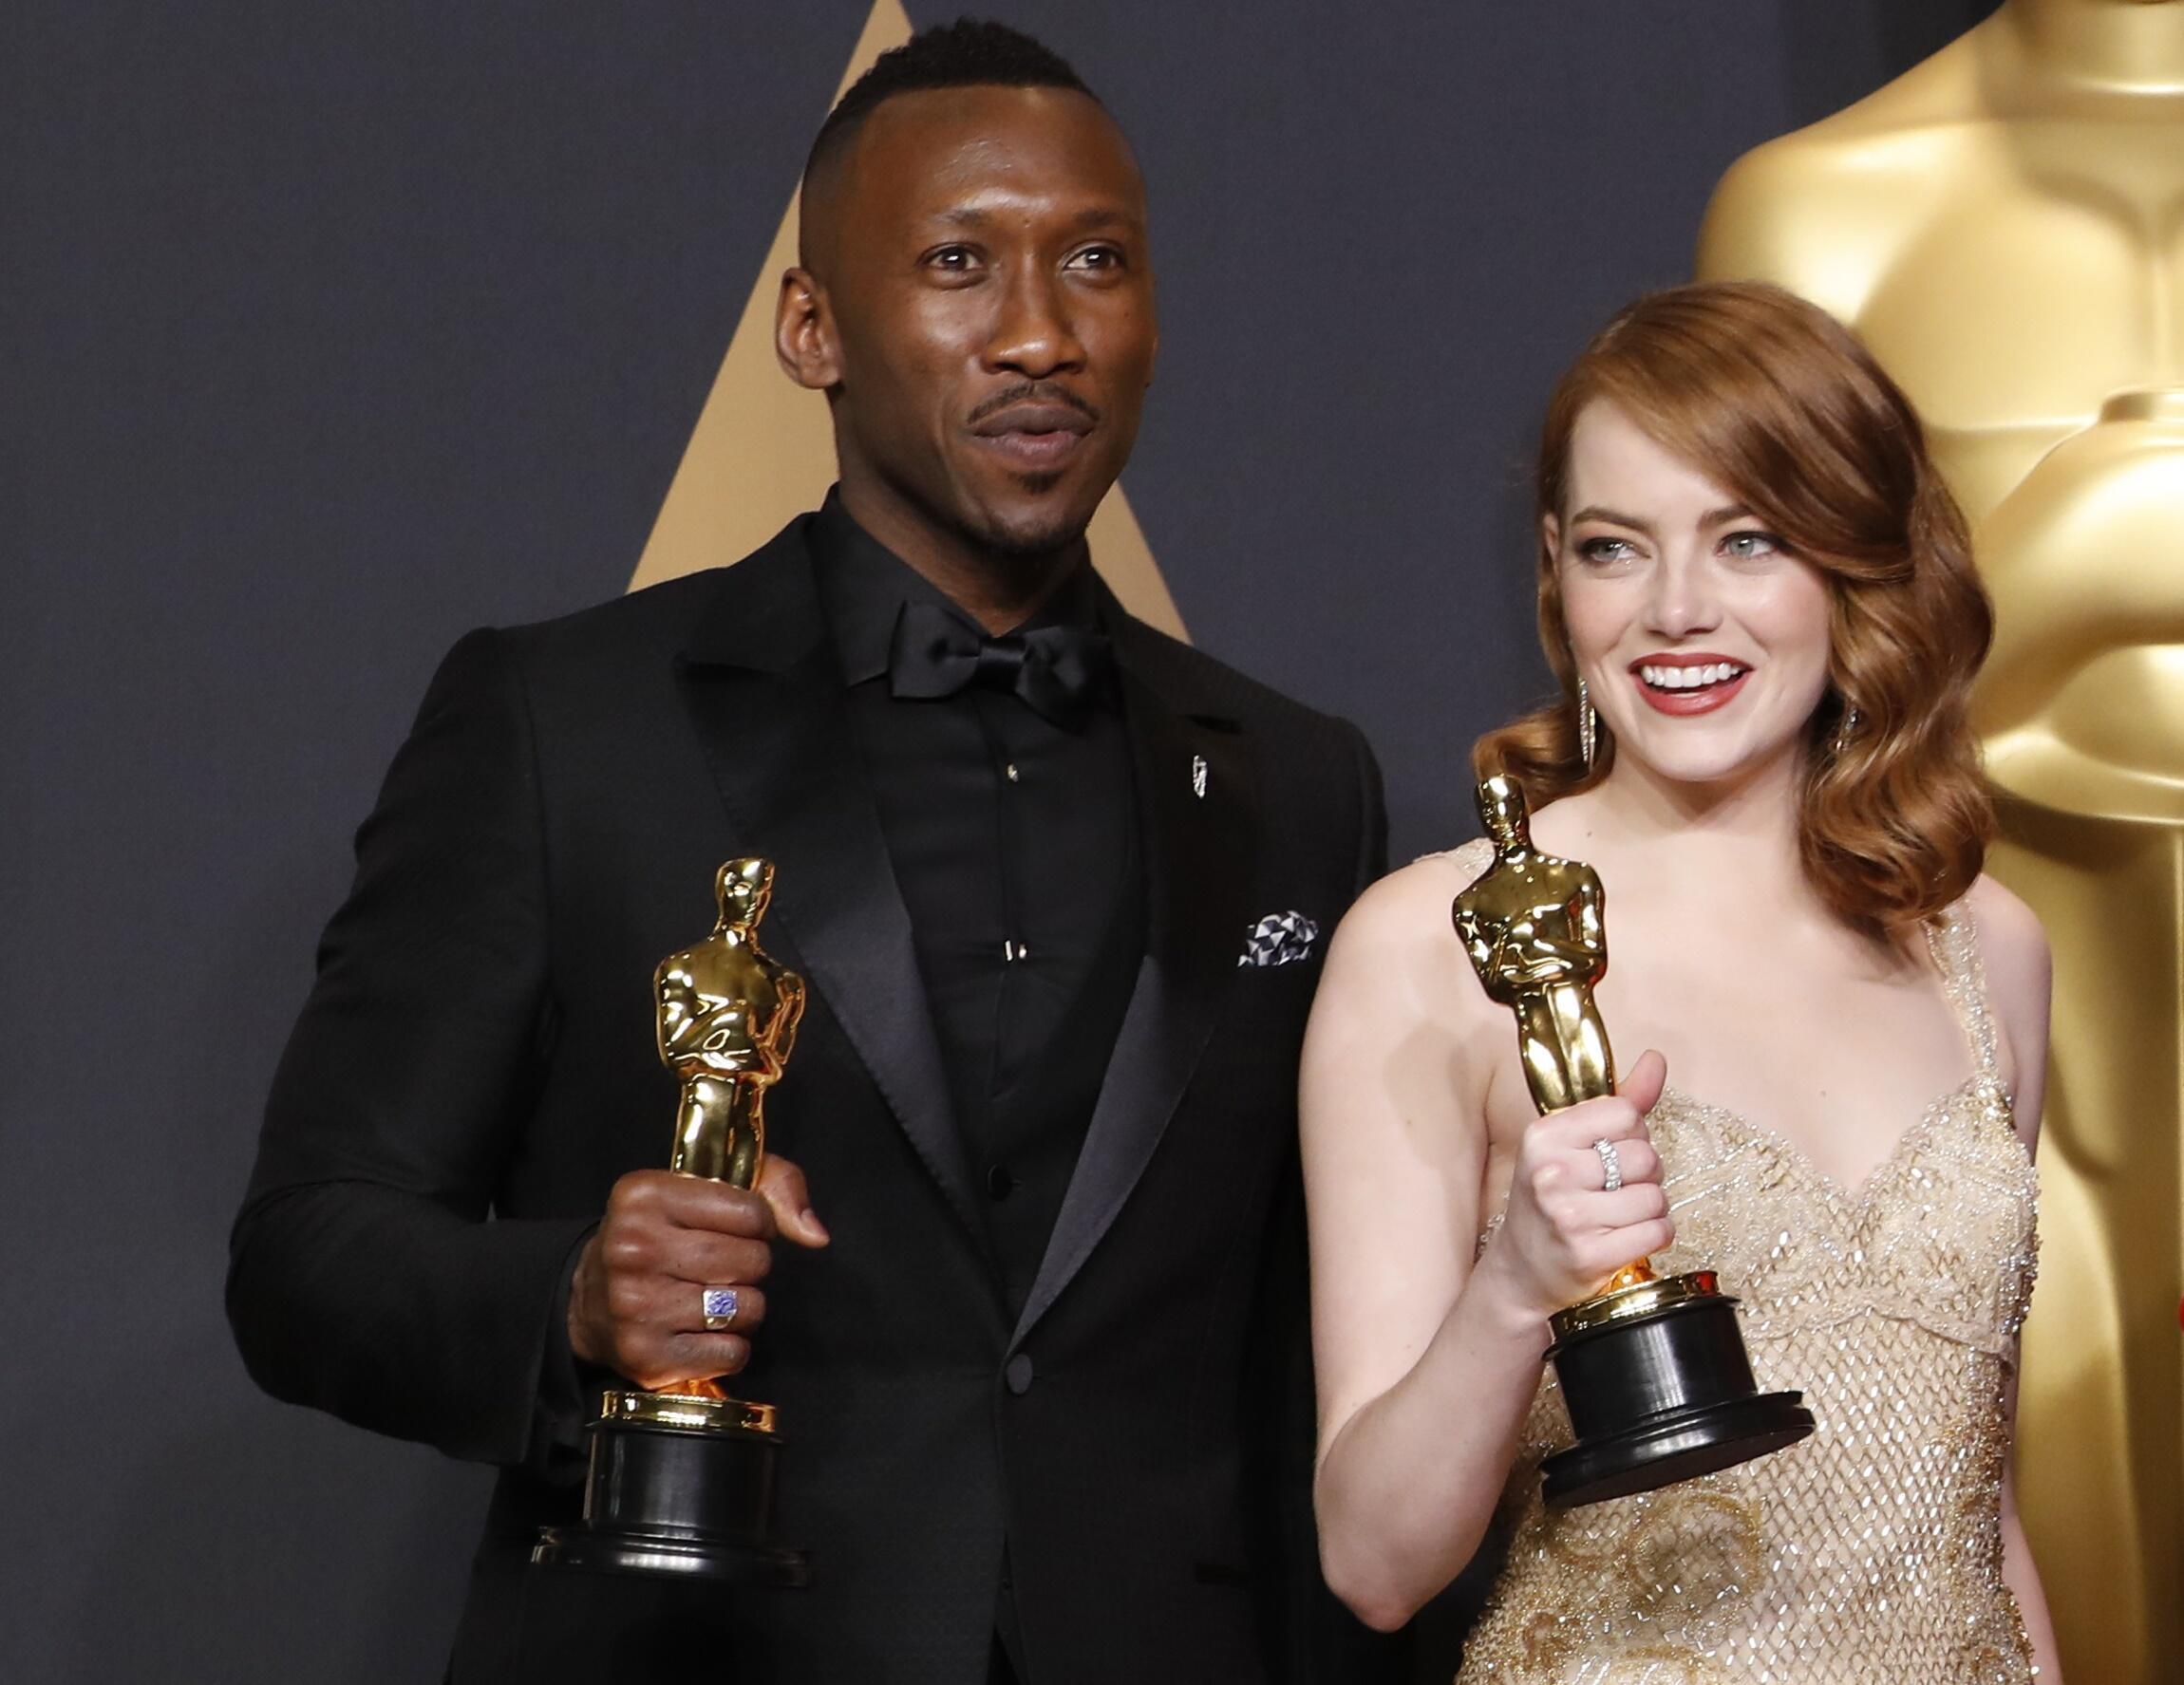 《越來越愛你》女主角艾瑪斯通(Emma Stone)她獲得2017年奧斯卡最佳女主角獎